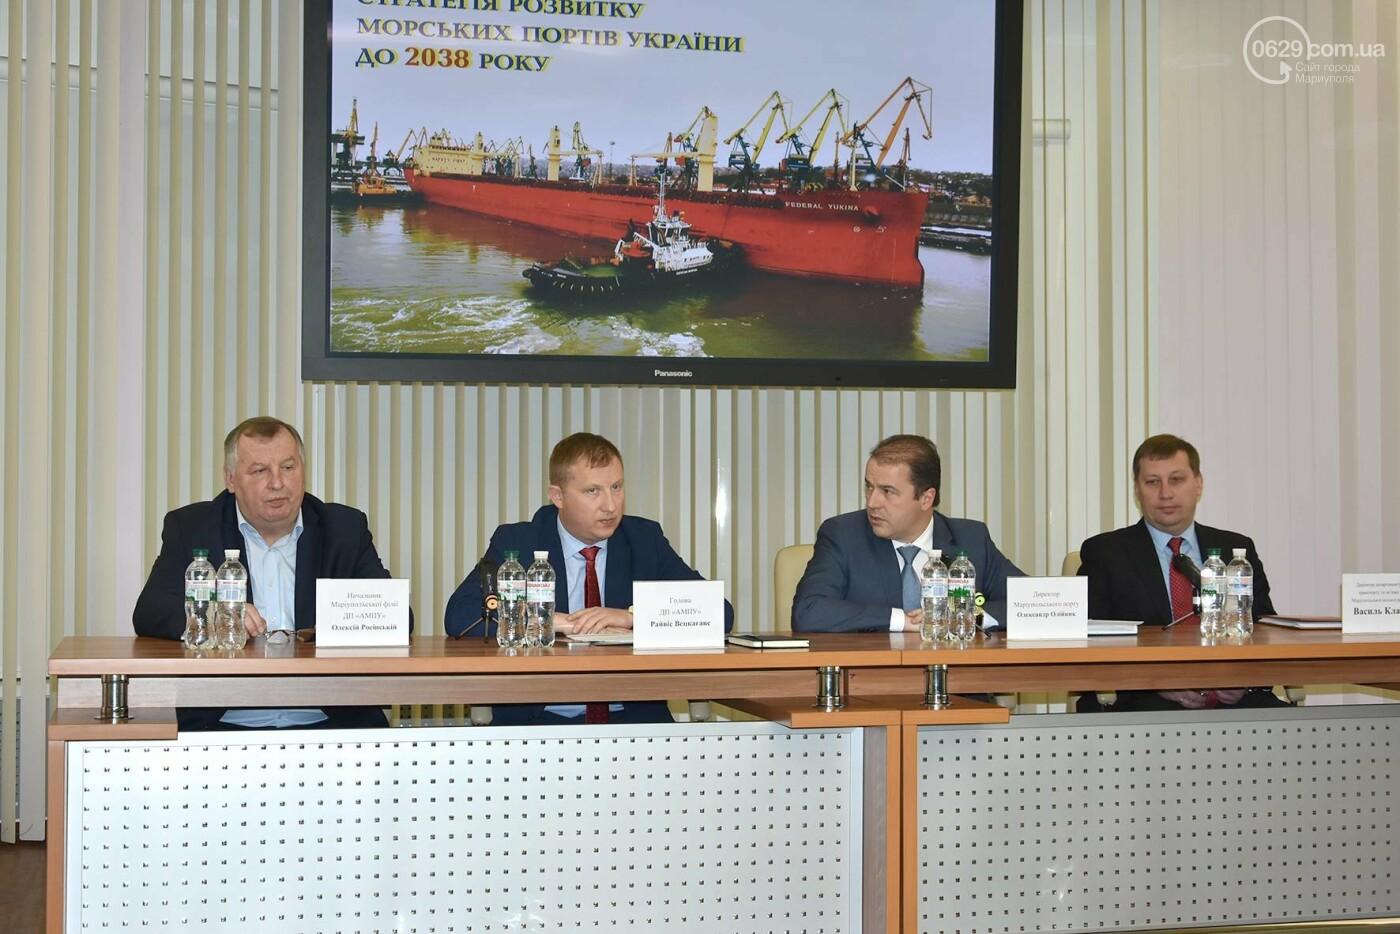 В Мариупольском порту обсудили, как будут работать следующие 20 лет (ФОТО), фото-13